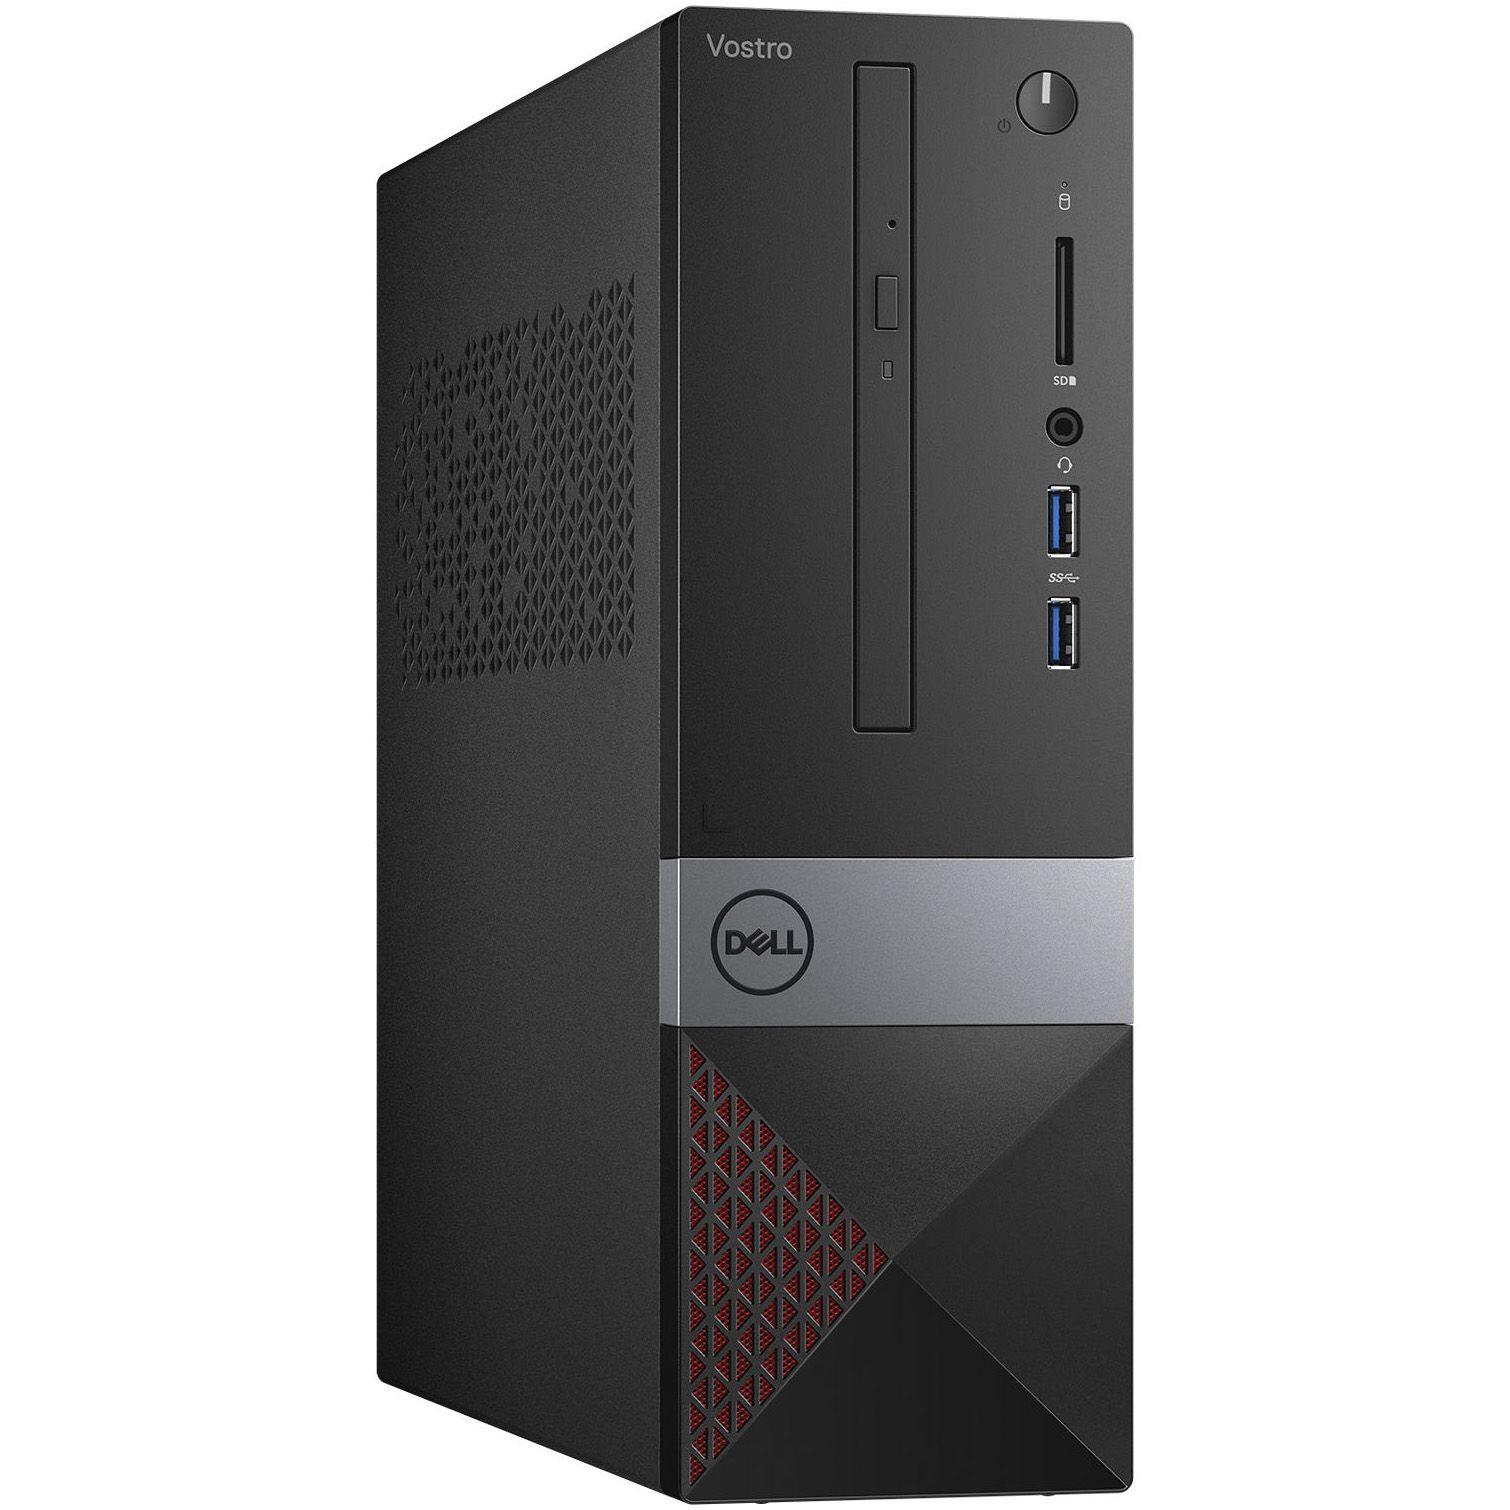 Sistem Brand Dell Vostro 3471 SFF Intel Core i5-9400 RAM 8GB SSD 256GB Linux